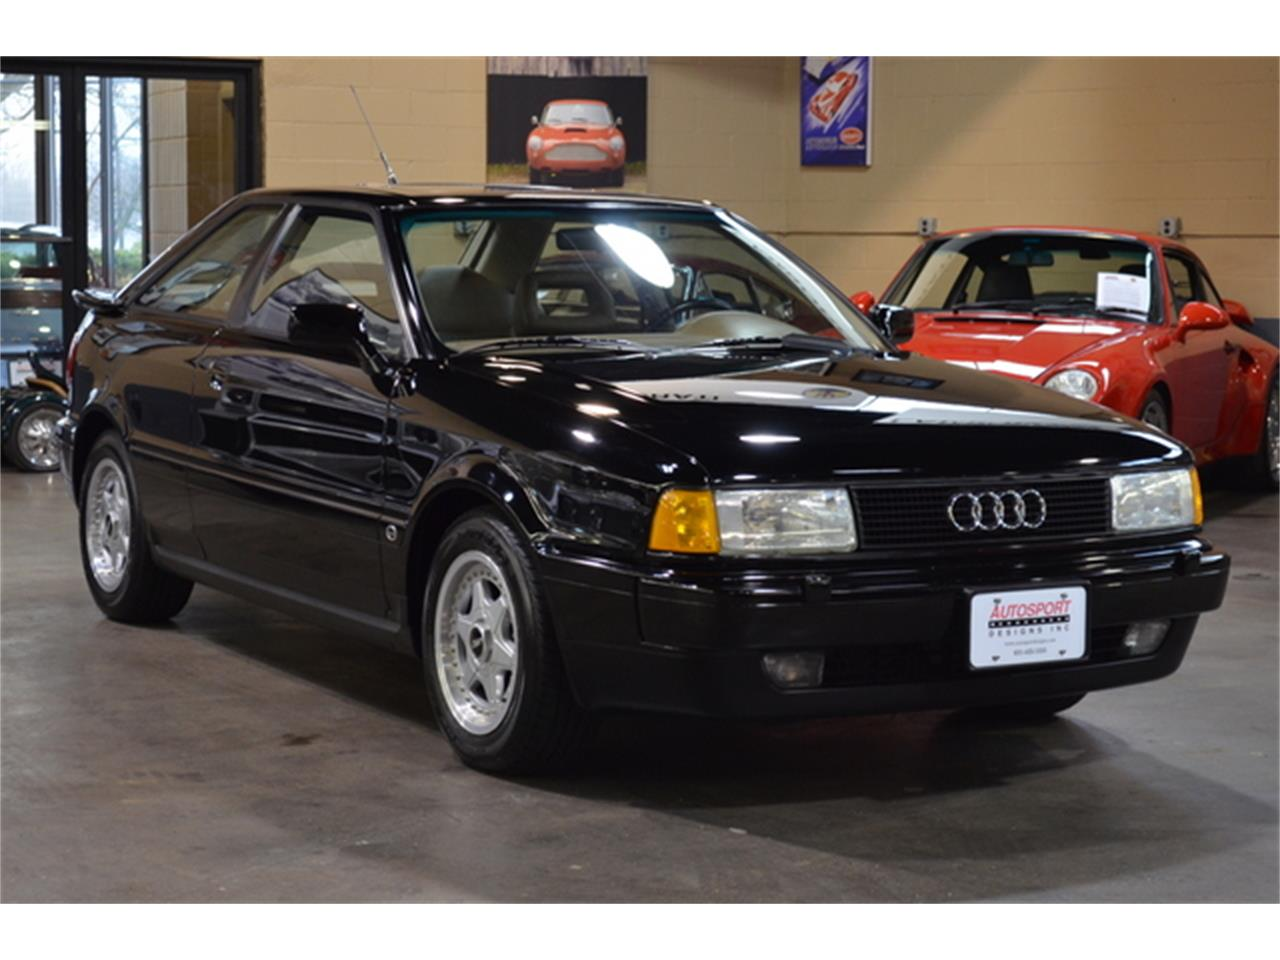 Audi Quattro For Sale ClassicCarscom CC - Audi quattro coupe for sale